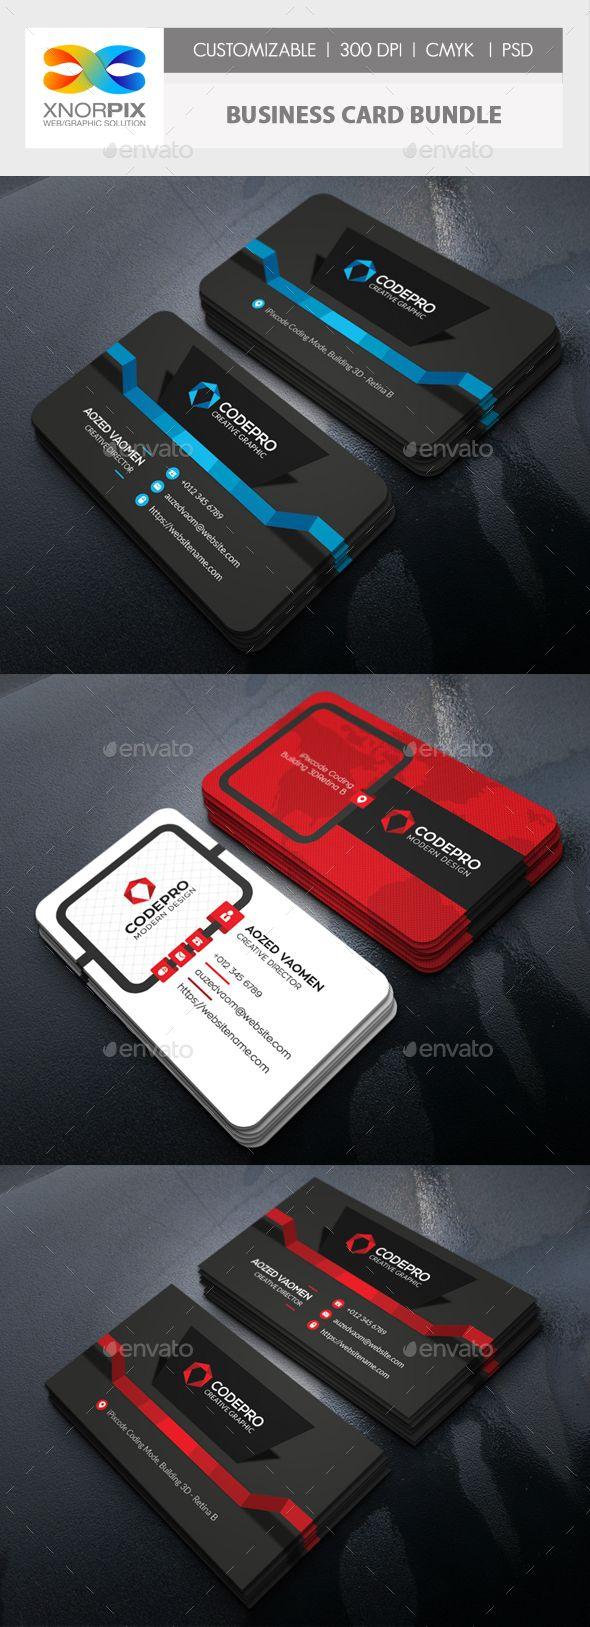 Business card bundle carto cartes de visita e visita reheart Choice Image